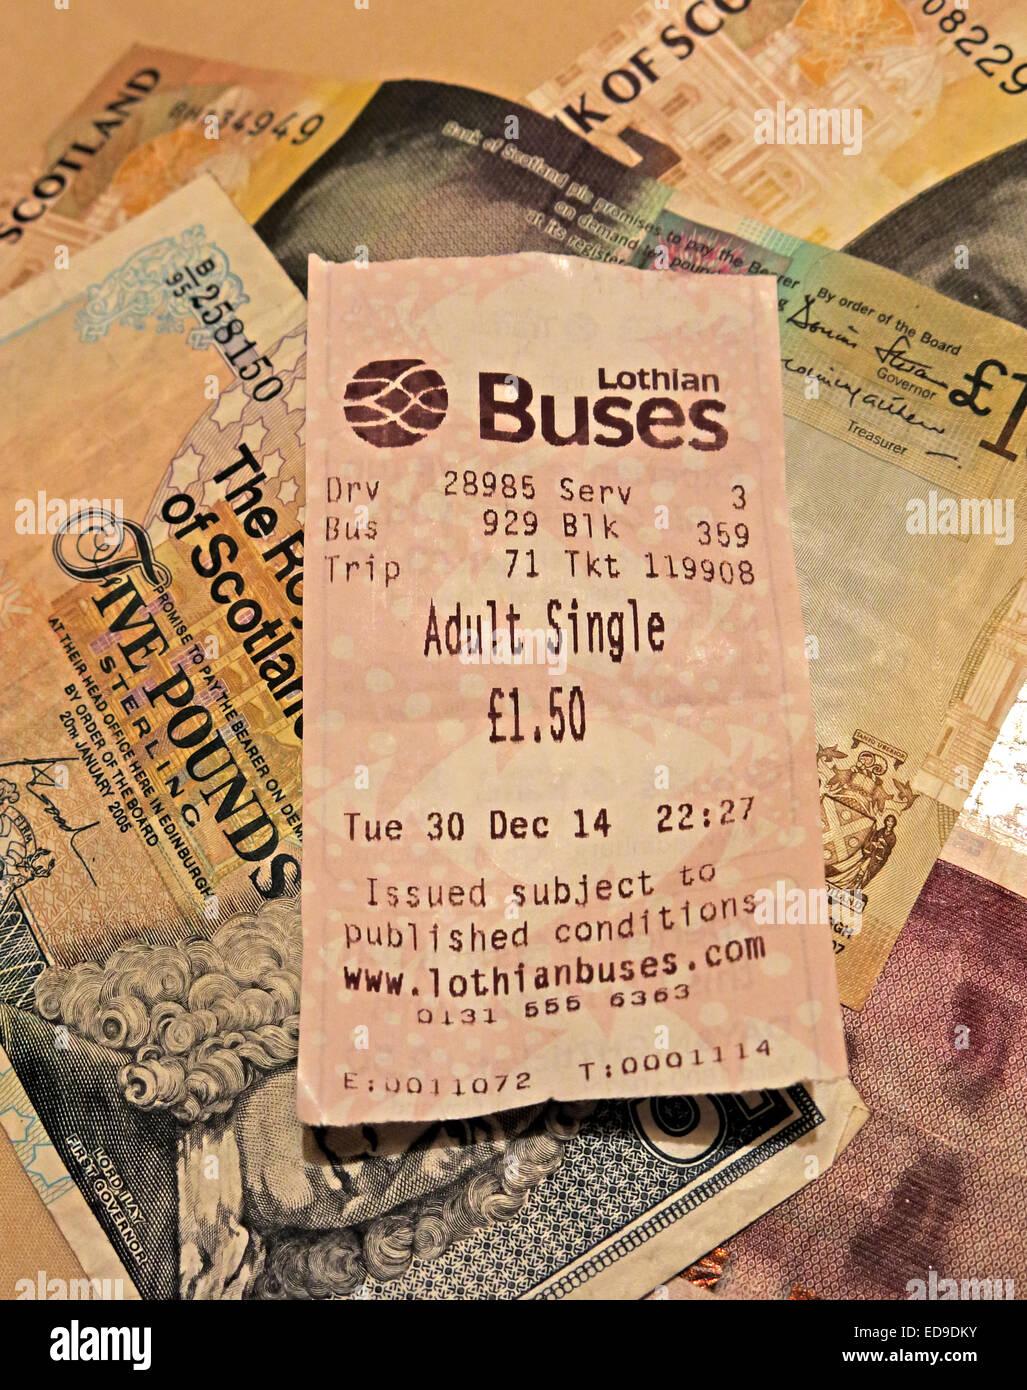 Laden Sie dieses Alamy Stockfoto Lothian Busse bus Ticket und Schotten Banknoten aus Edinburgh, Scotland, UK-Hochformat - ED9DKY